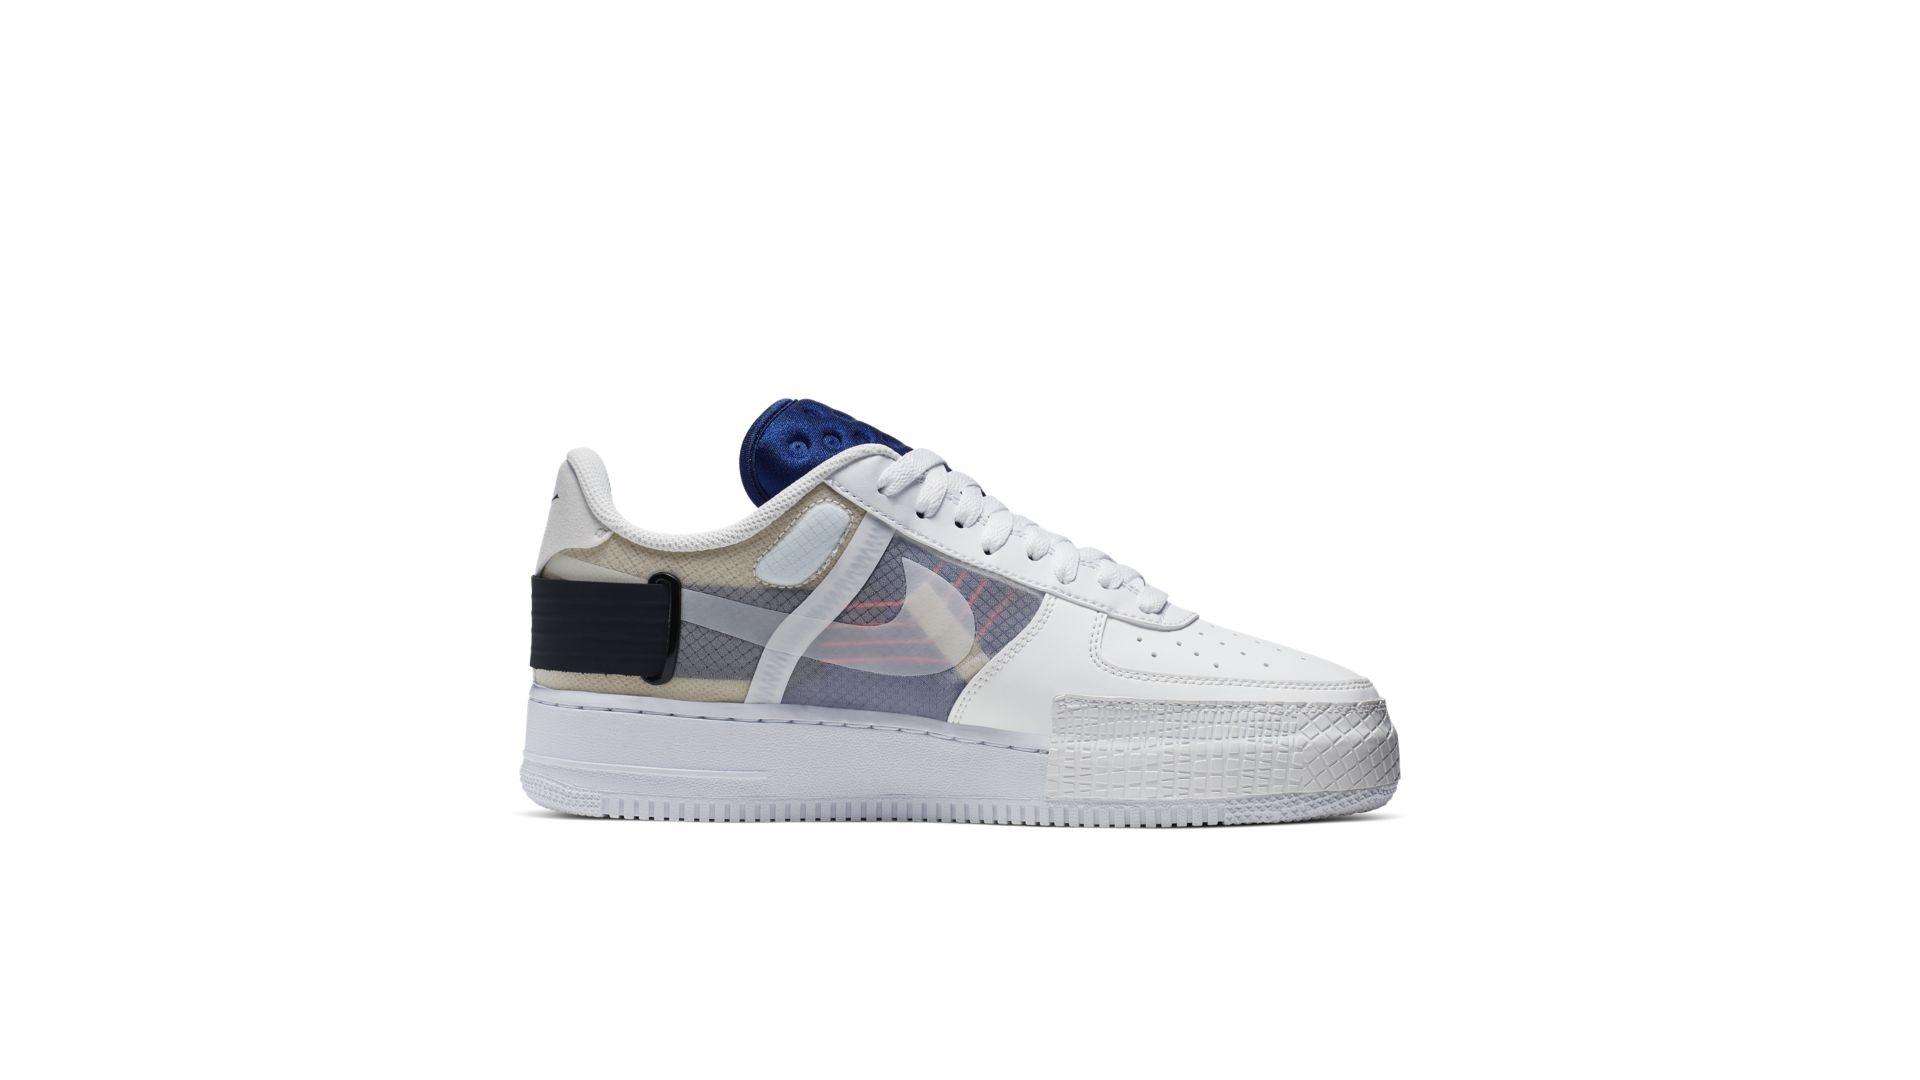 Nike Air Force 1 Type 'N354' - Sneakin